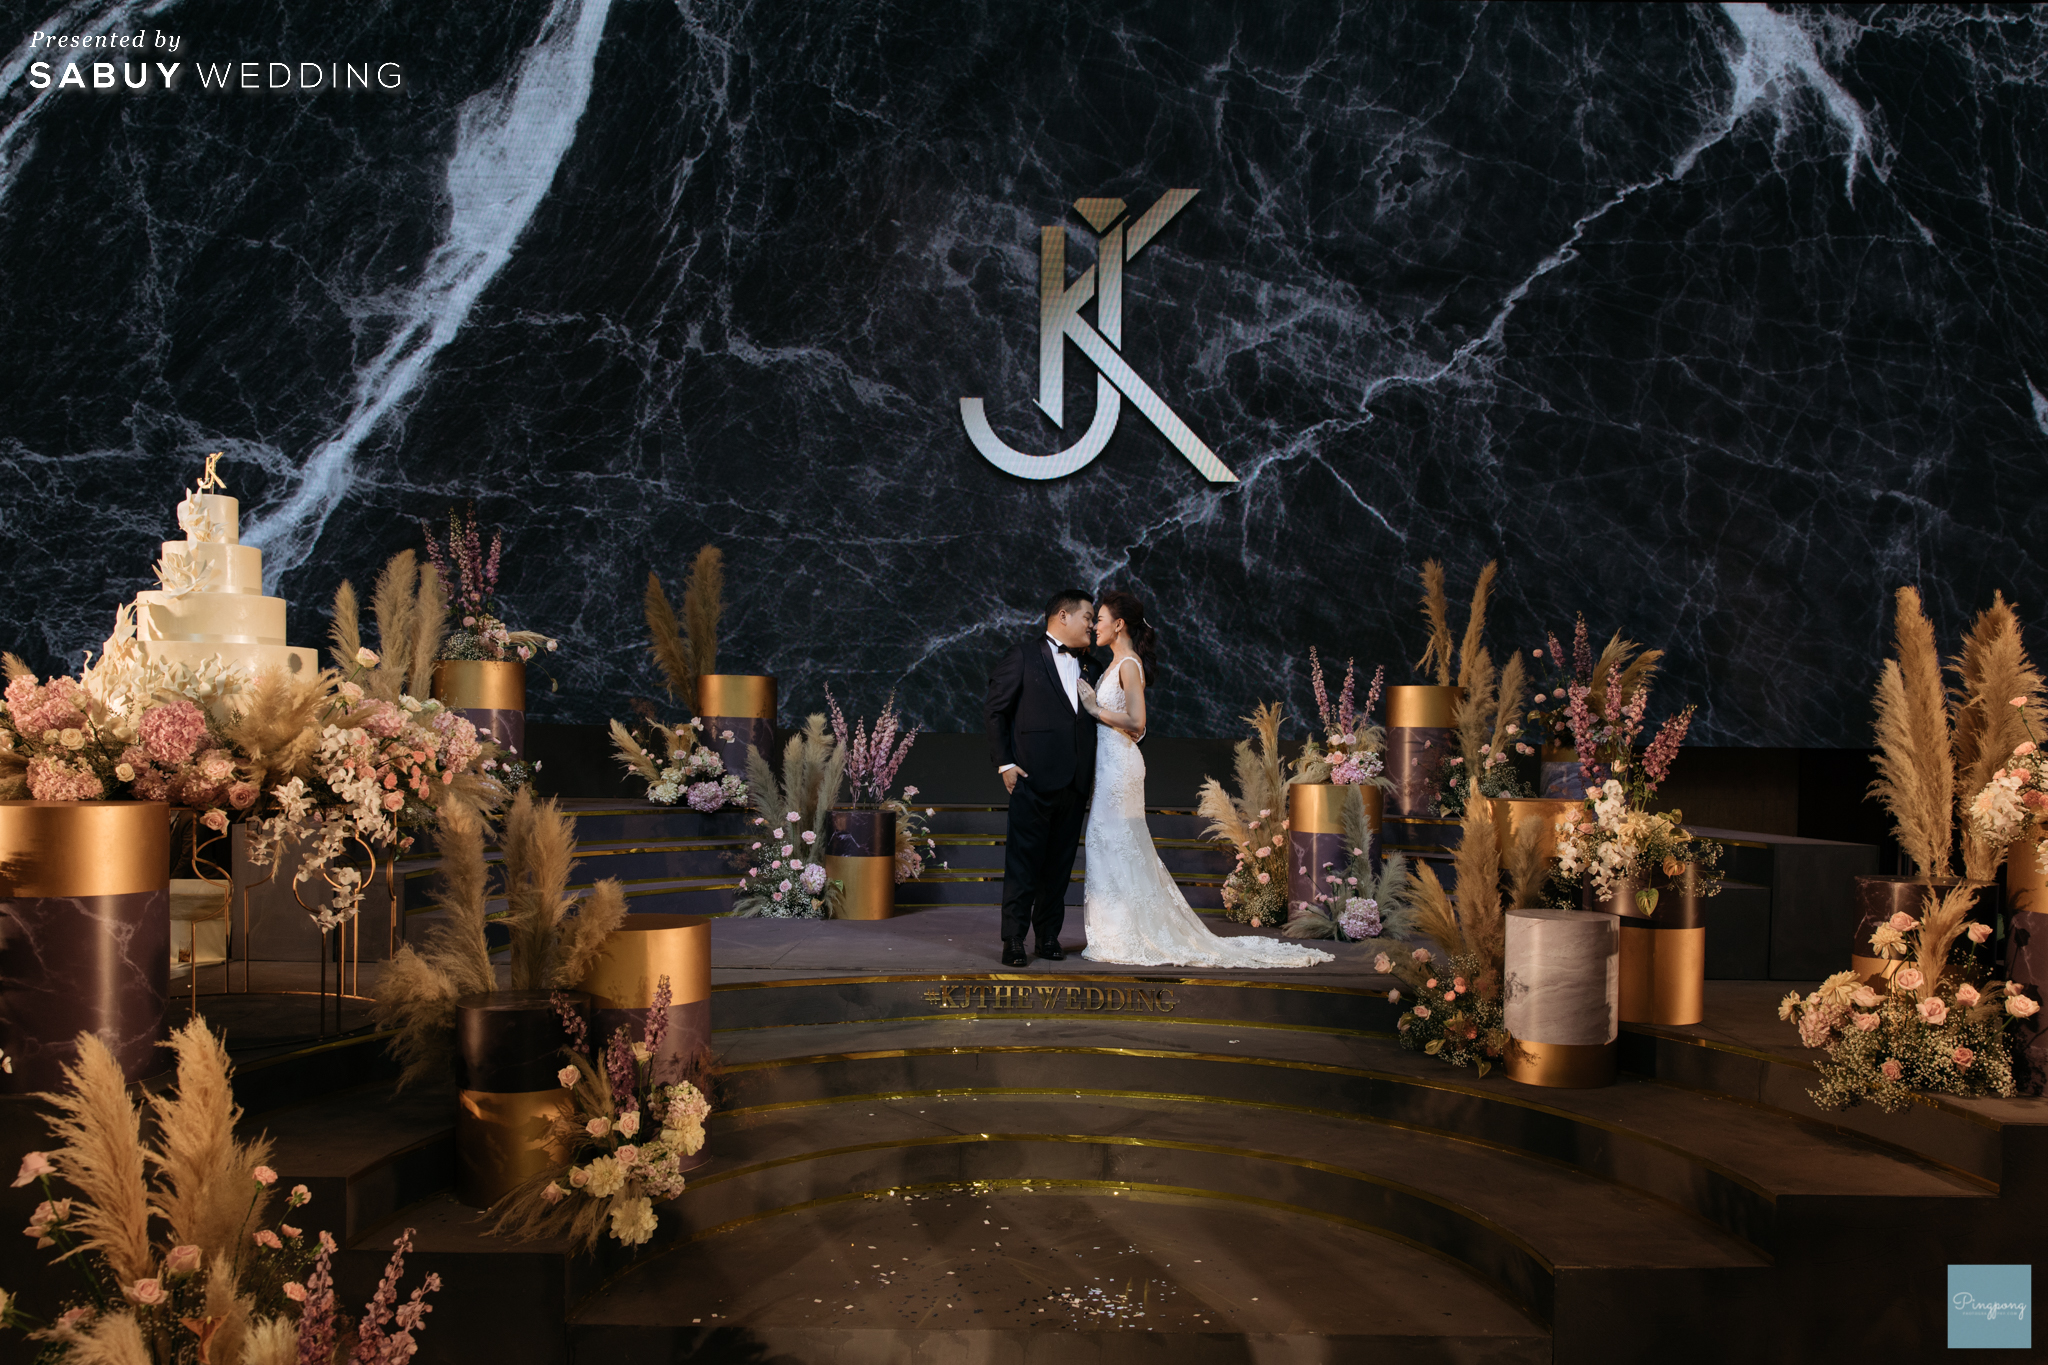 งานแต่งงาน,เจ้าสาว,เจ้าบ่าว,ชุดแต่งงาน,ชุดเจ้าสาว รีวิวงานแต่งสวยปังดูดี ด้วยโทนสีและจอ LED สุดอลัง @ Conrad Bangkok